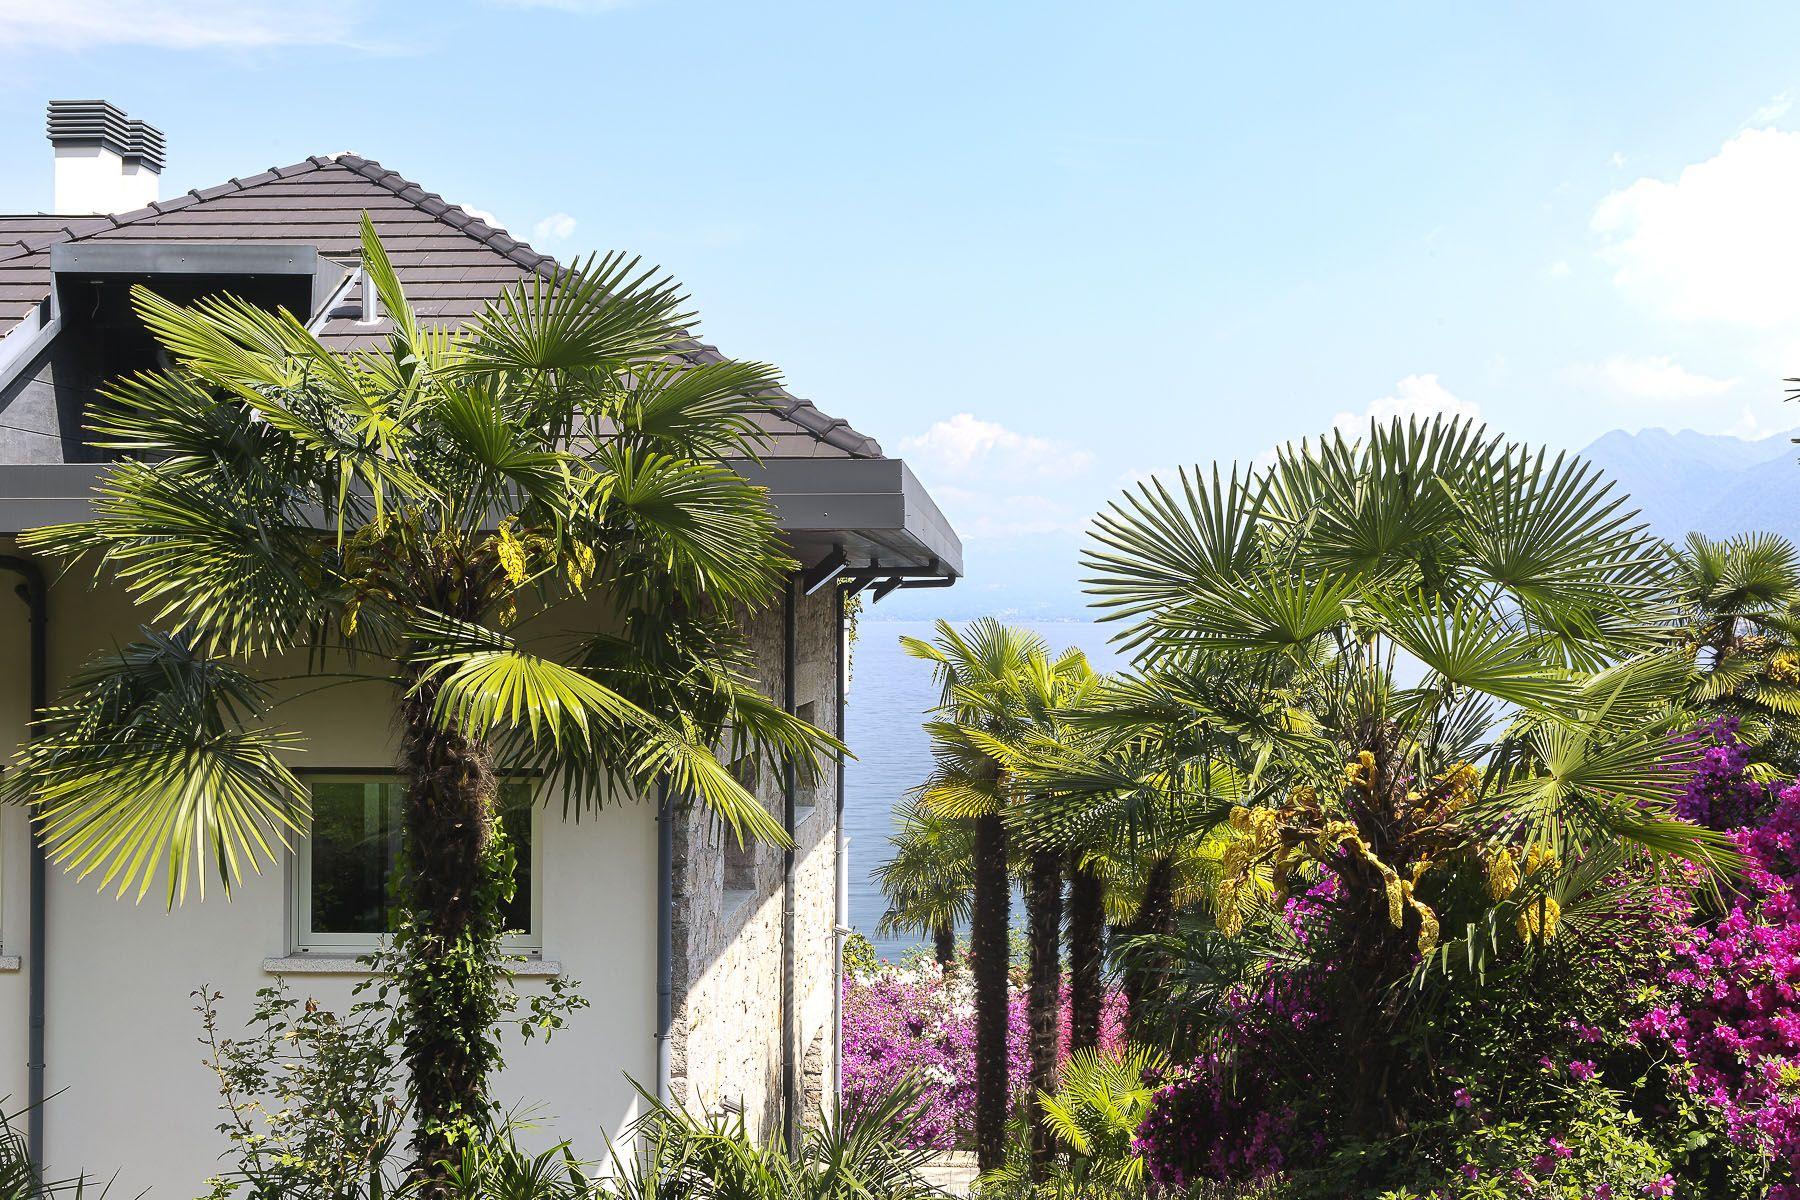 Castello dante stresa lago maggiore real estate in italy pinterest italy